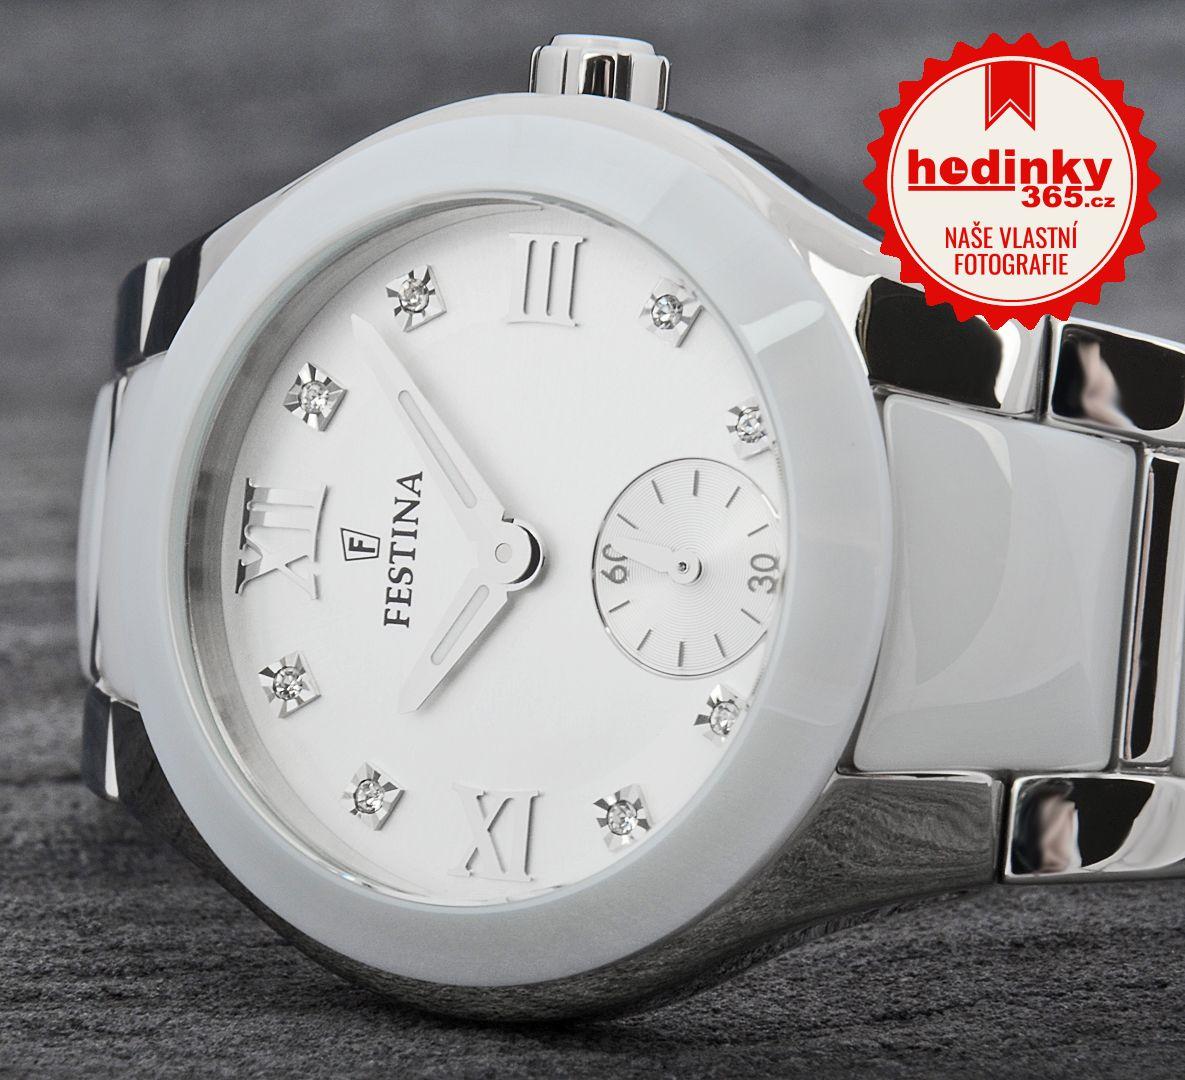 90be69943 Dámské hodinky - keramický řemínek, keramika pouzdro, minerální sklíčko.  Veškeré technické parametry naleznete níže